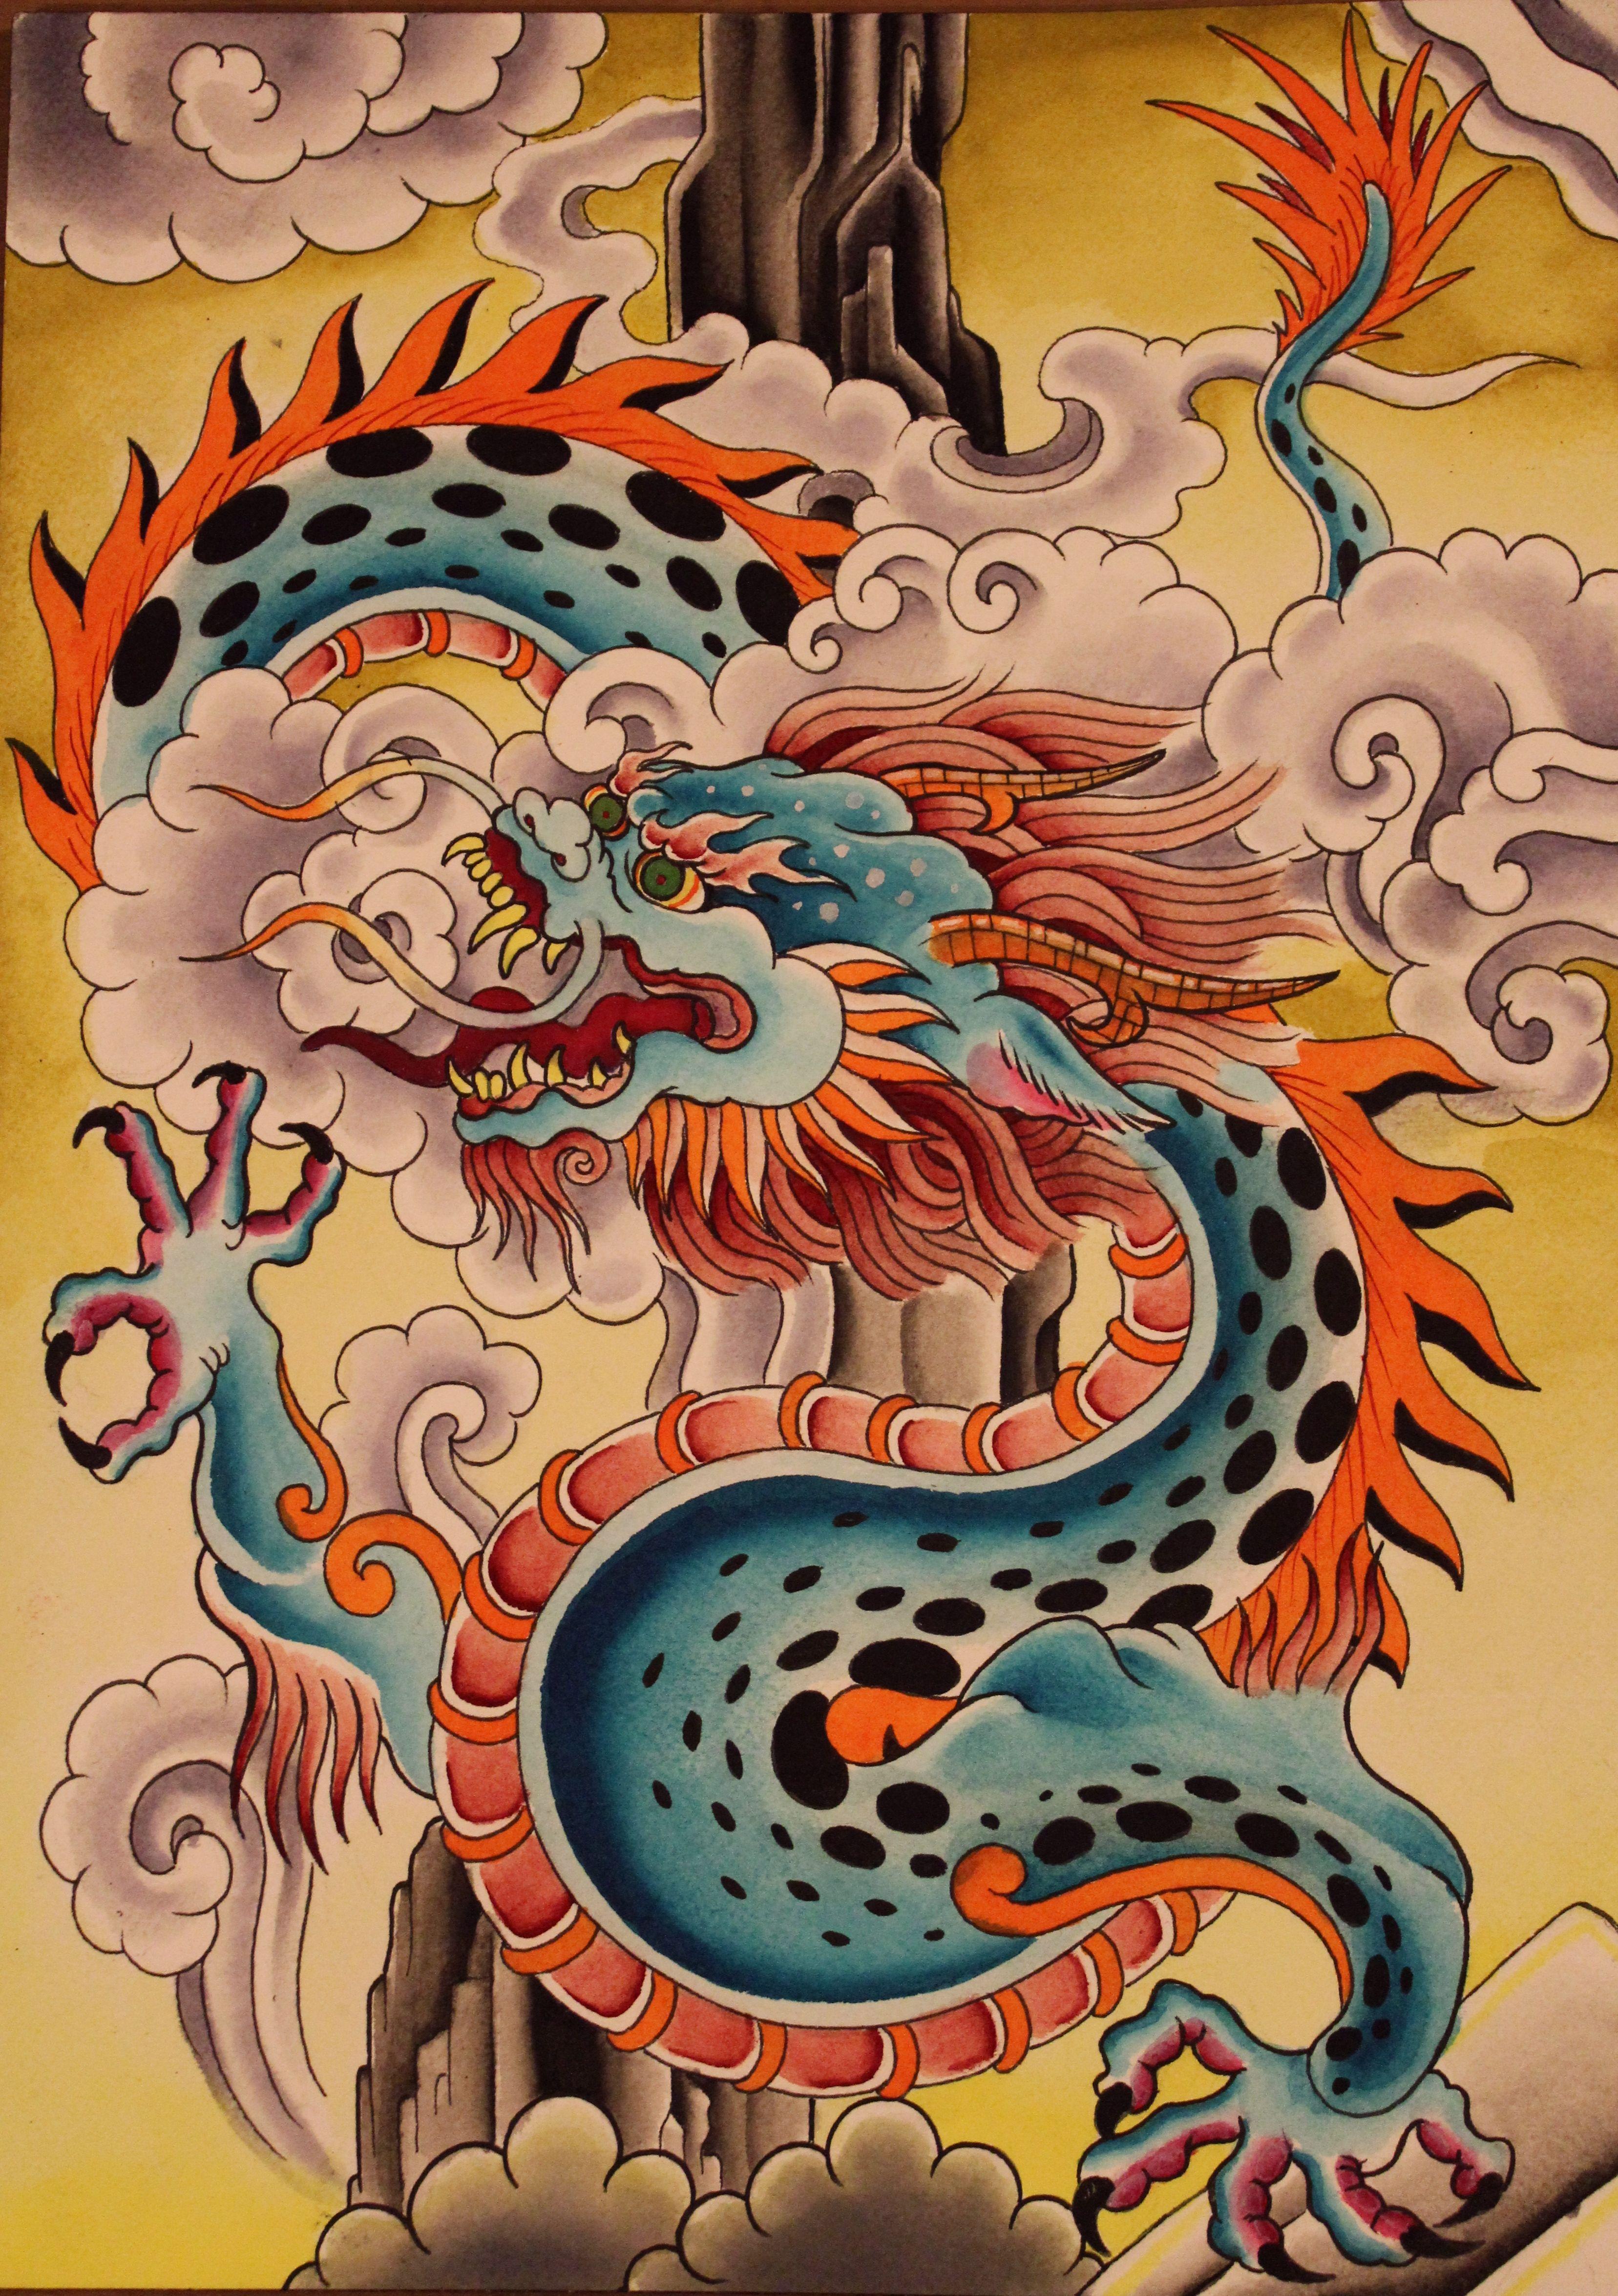 сделали металлическим, картинки в стиле китайских татуировок изучила свой организм